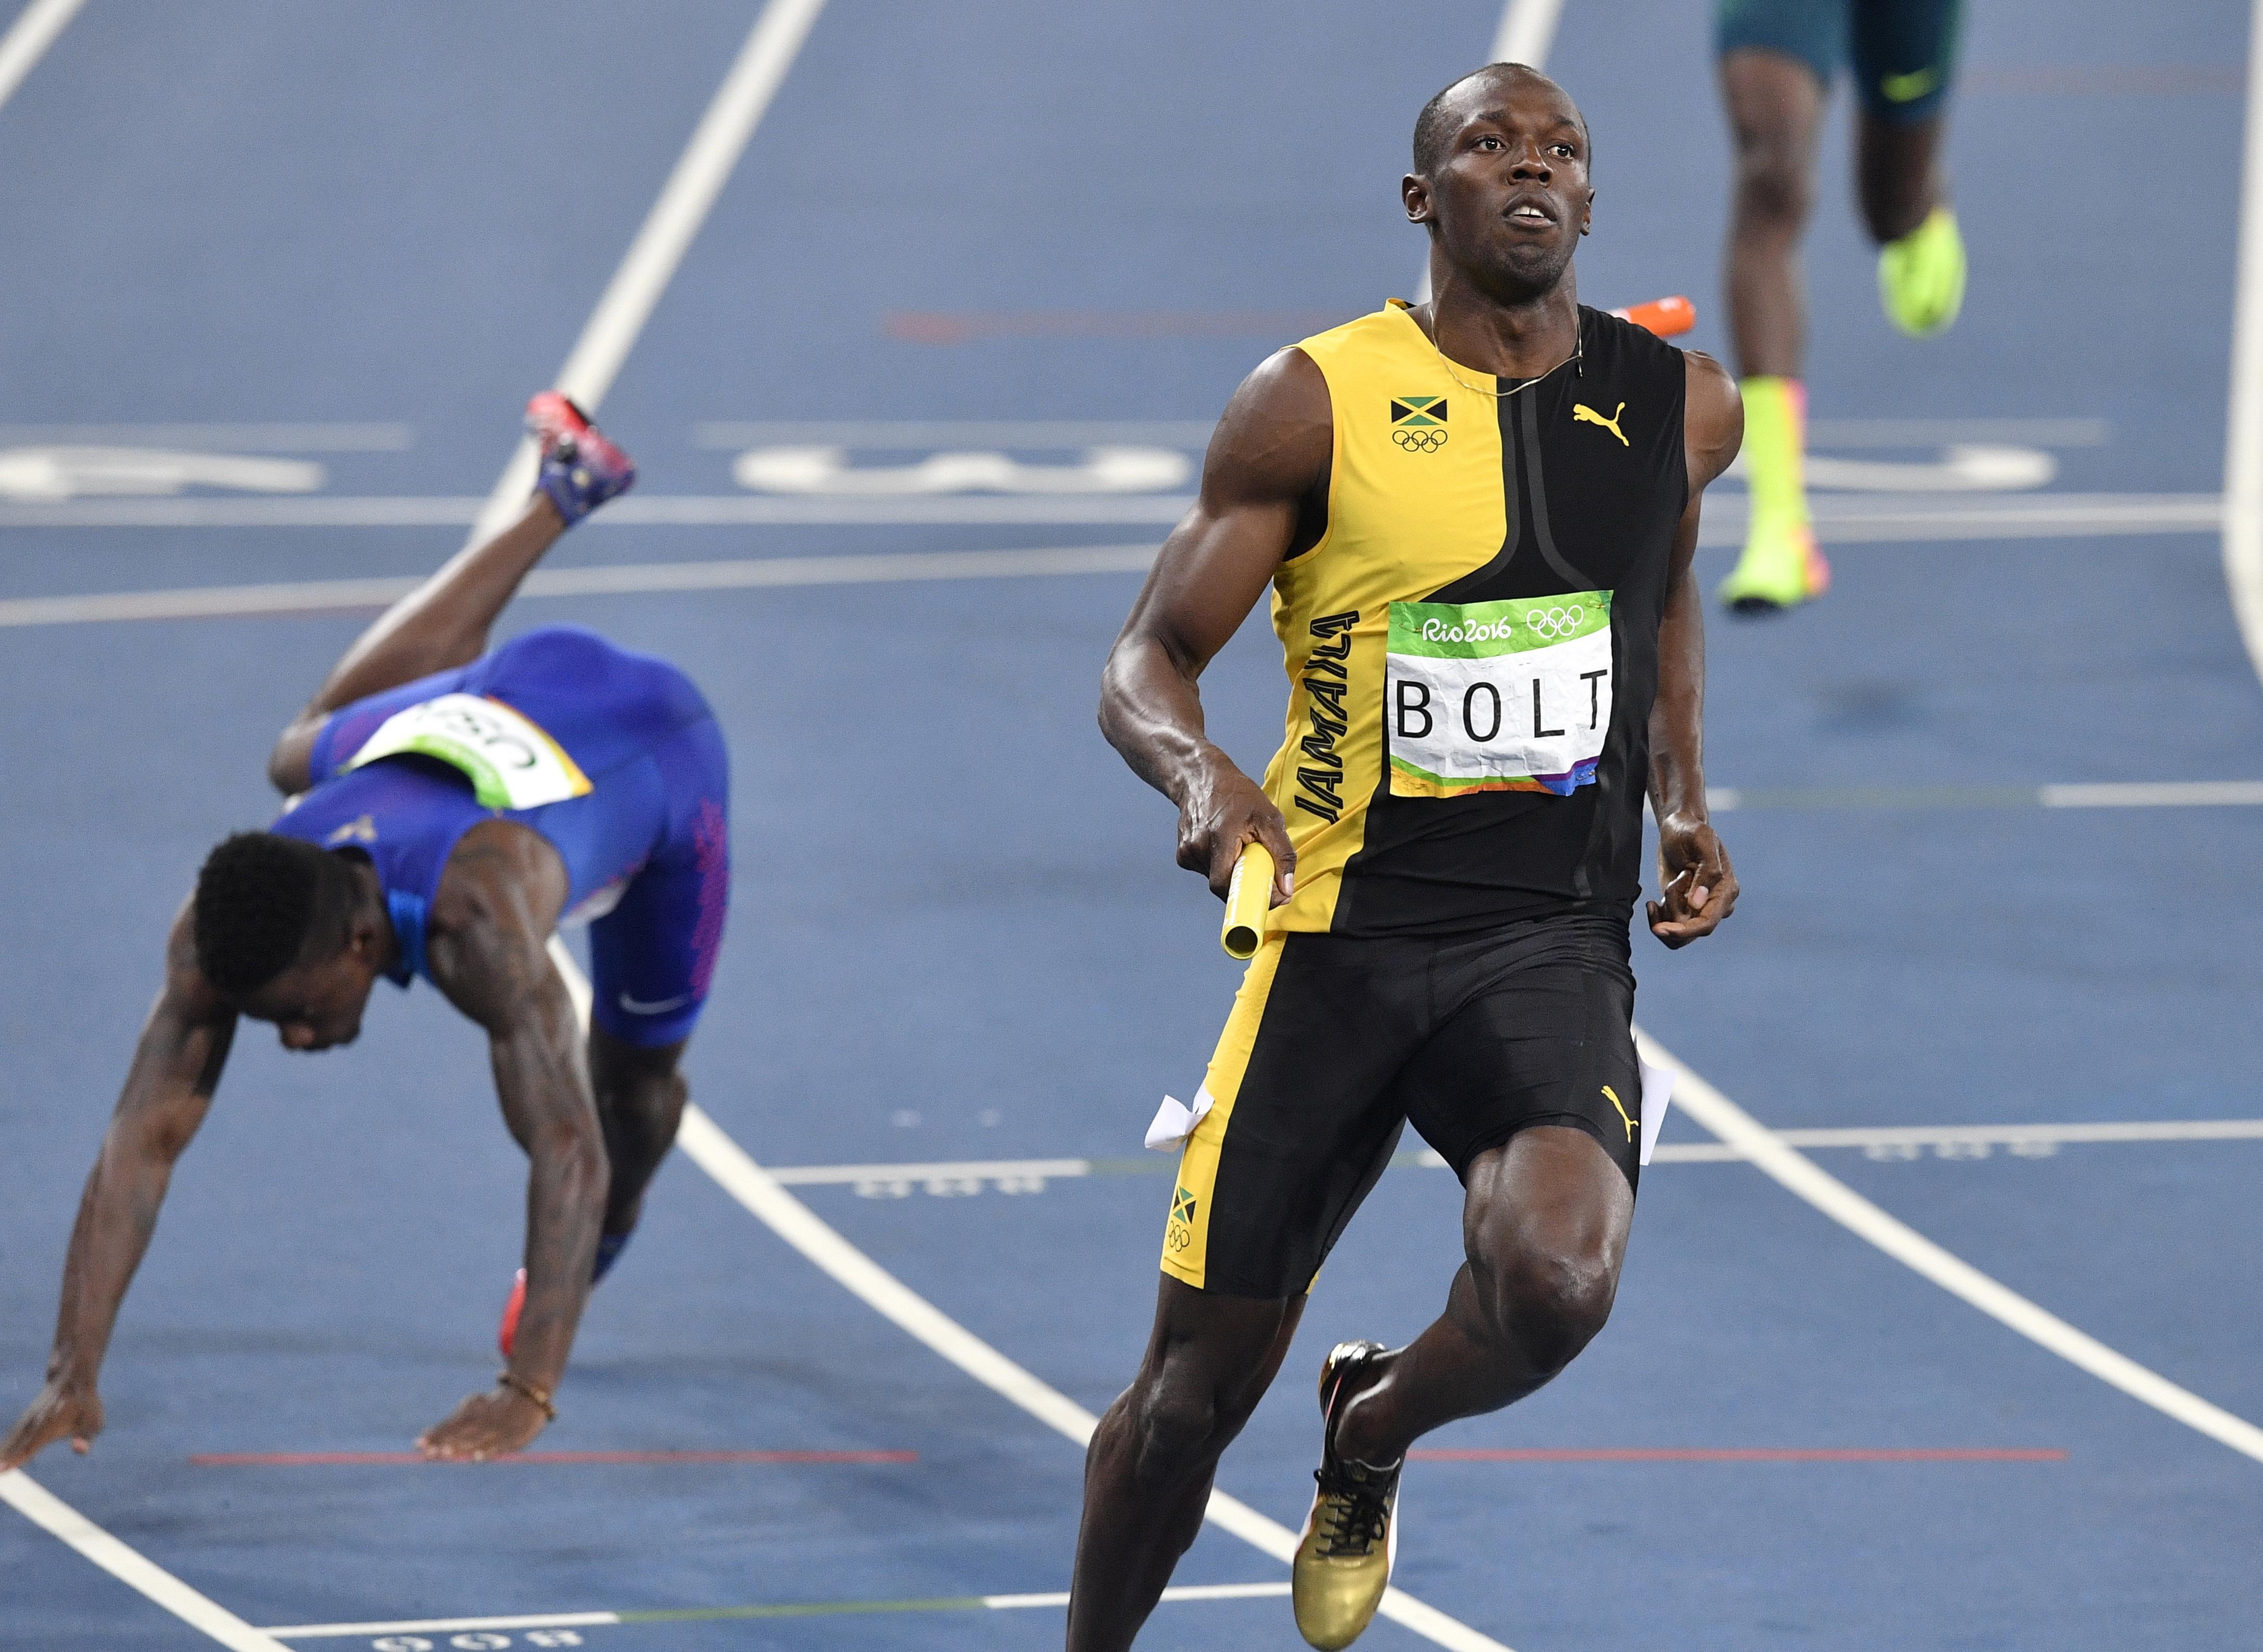 美國隊的布洛梅爾(Trayvon Bromell)在里約奧運男子400公尺賽跑中不慎跌倒。(美聯社)